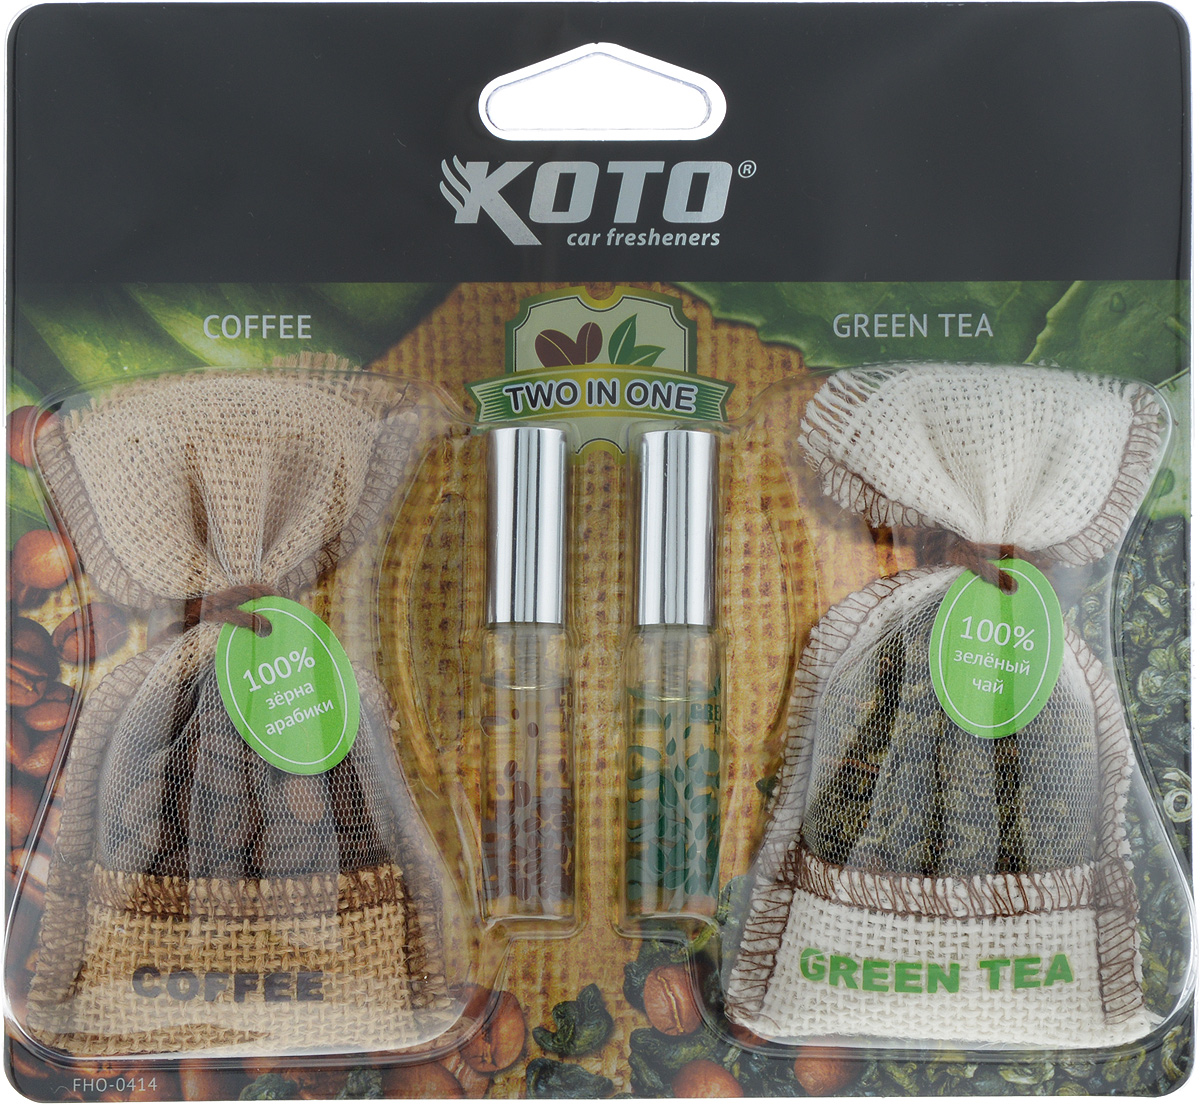 Набор автомобильных ароматизаторов Koto Кофе и зеленый чай, 2 штДА-18/2+Н550Набор автомобильных ароматизаторов Koto Кофе и зеленый чай эффективно устраняет неприятные запахи и придает легкий приятный аромат. Он состоит из двух мешочков и двух флаконов. Благодаря присоске, мешочки легко размещаются в автомобиле на зеркале заднего вида или на любой гладкой поверхности.Состав набора: мешок с зернами кофе, мешок с листьями зеленого чая, жидкостный ароматизатор с ароматом кофе, жидкостный ароматизатор с ароматом зеленого чая. Вес одного мешочка: 20 г. Объем одного жидкостного ароматизатора: 9 мл.